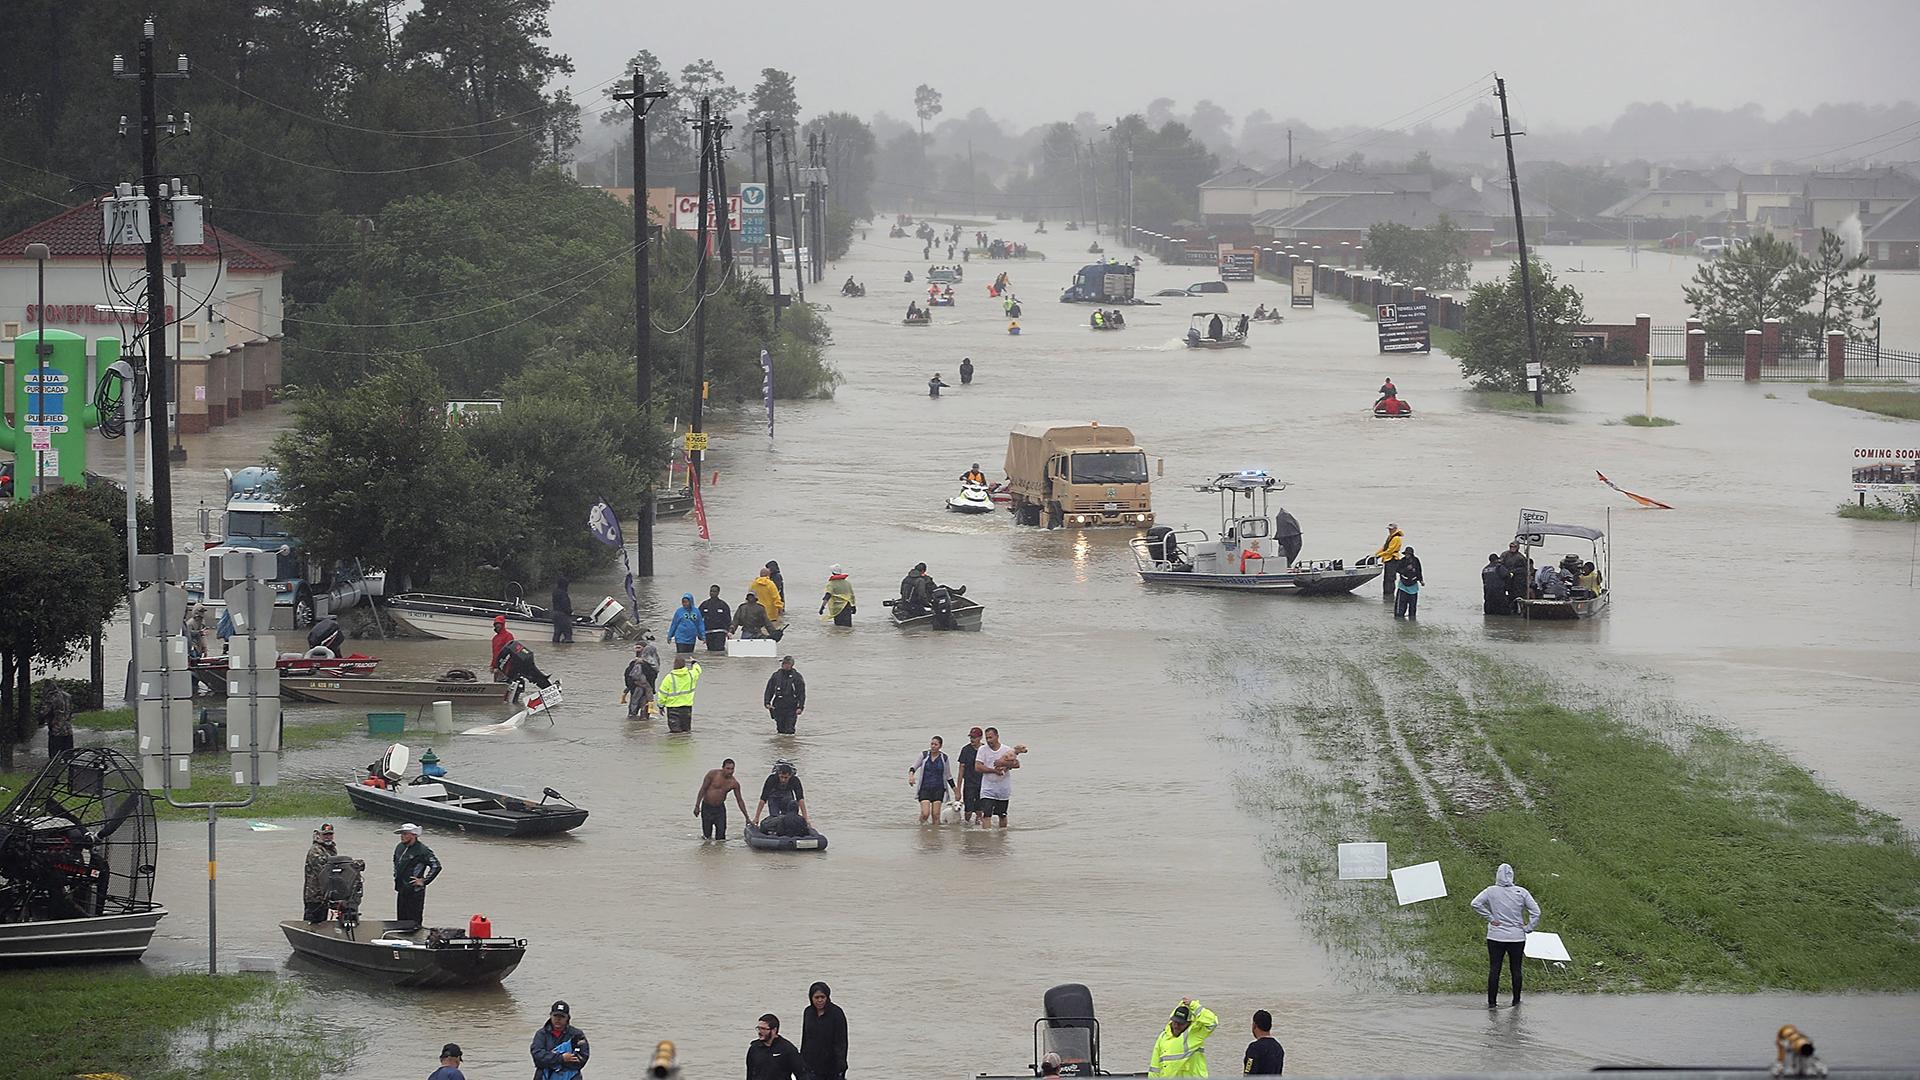 Flooded Houston street from Hurricane Harvey-159532.jpg67552557